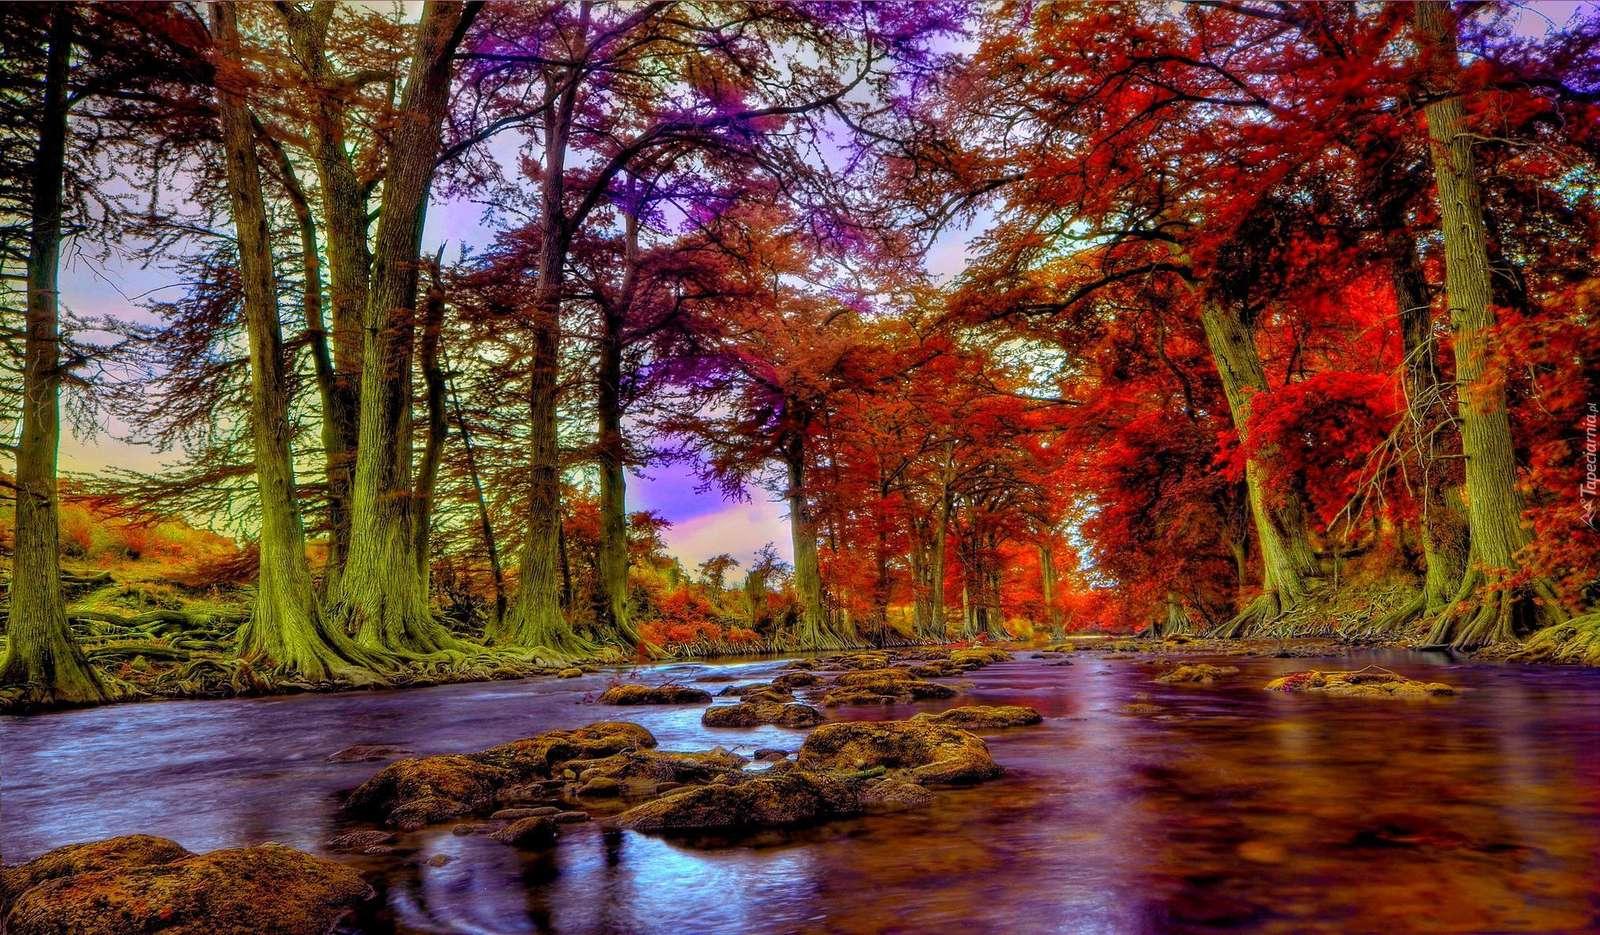 Herbst Wasser - Wasser, Bäume, Herbst Fluss (10×8)